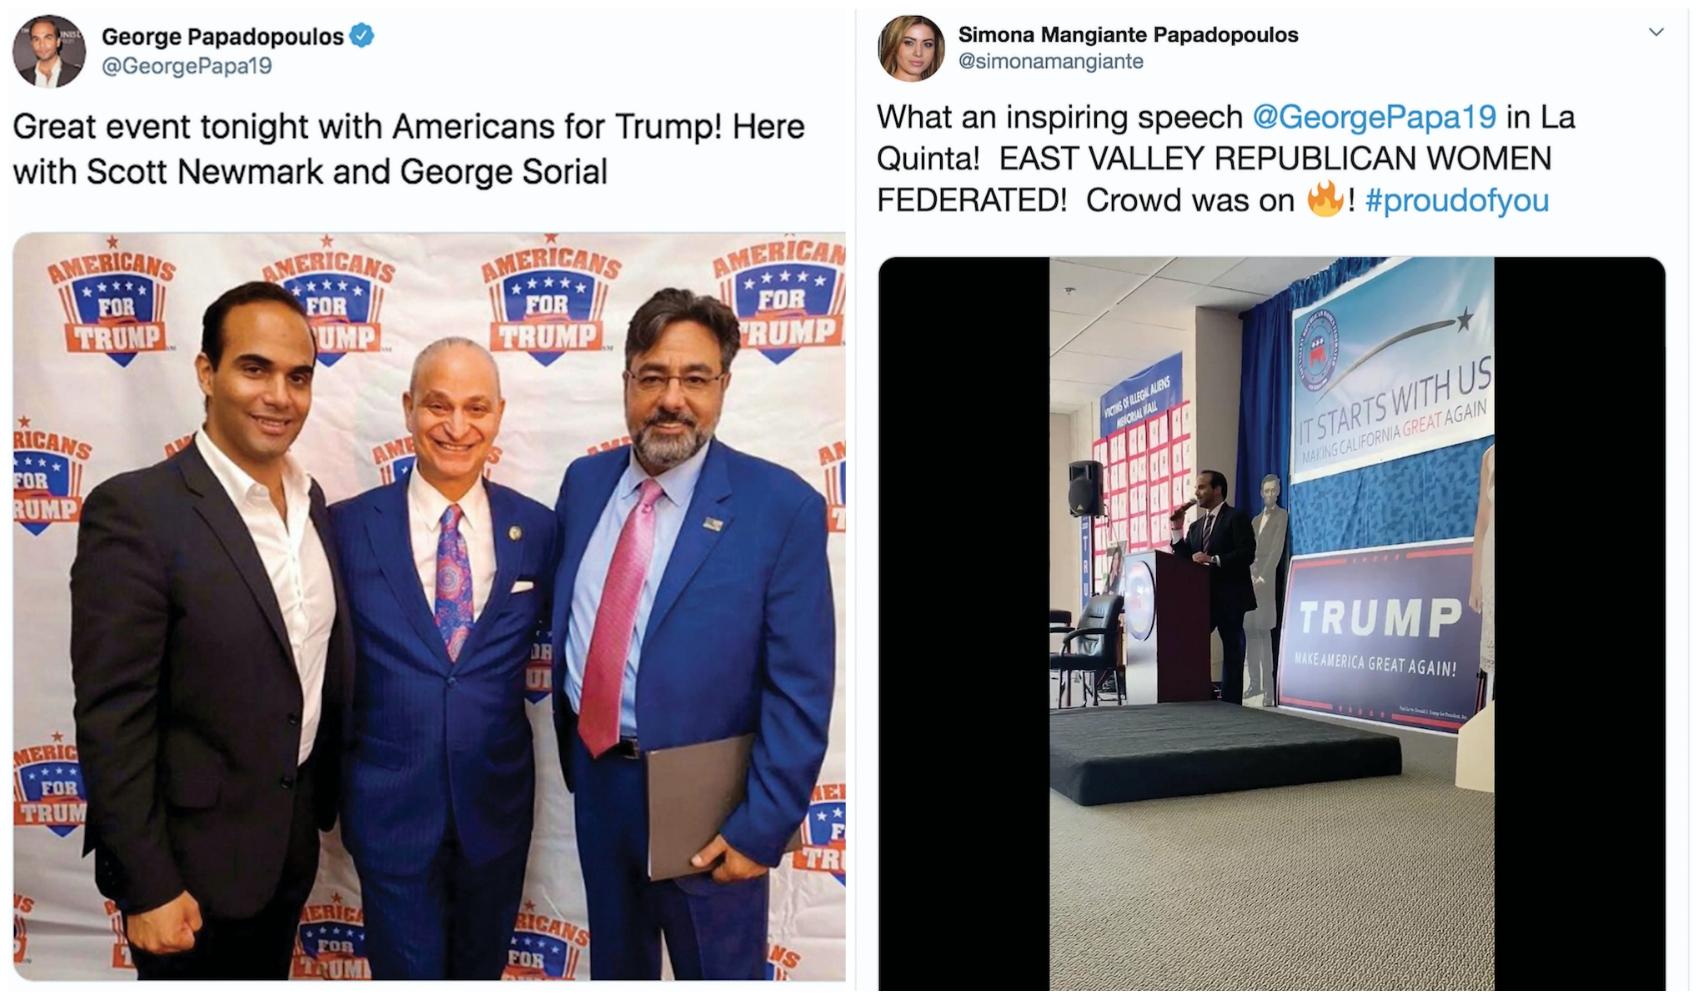 George Papadopoulos jure que sa candidature au Congrès n'est pas une blague 1